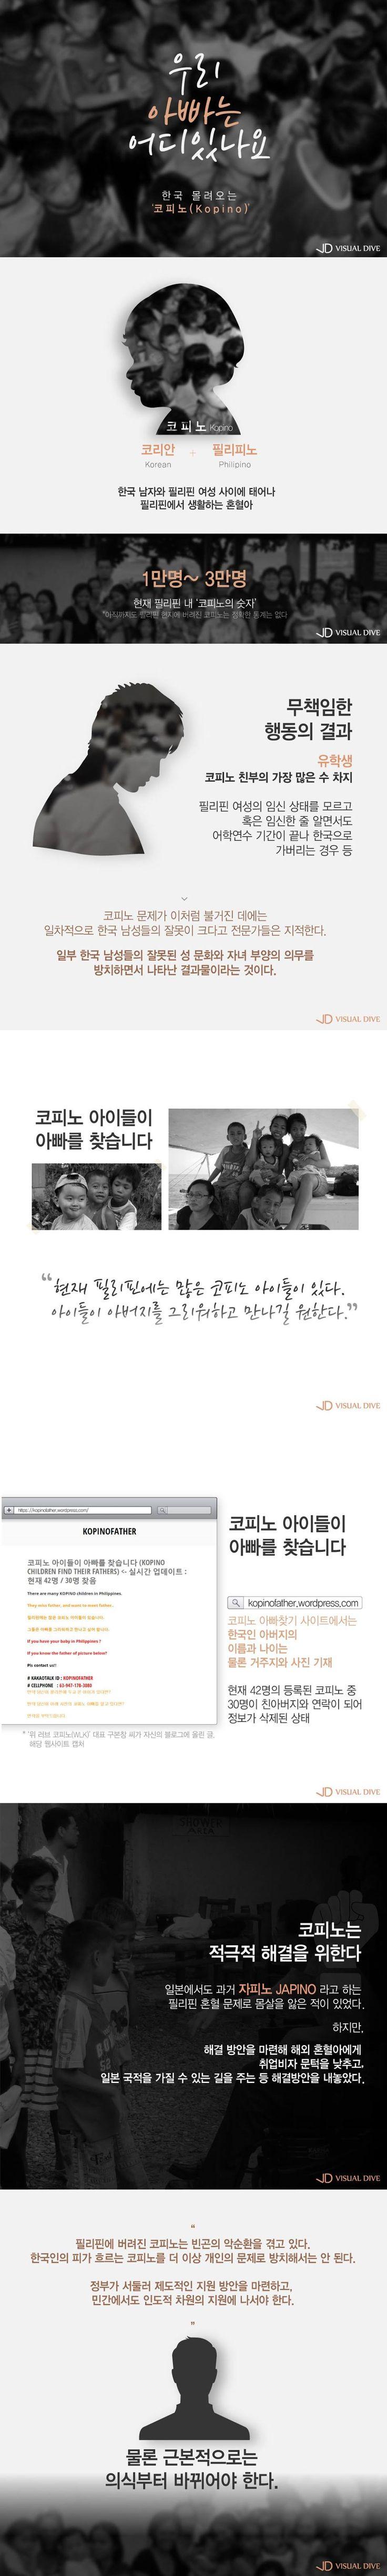 우리 아빠는 어디있나요? 한국 몰려오는 코피노 [카드뉴스] #kopino / #cardnews ⓒ 비주얼다이브 무단 복사·전재·재배포 금지